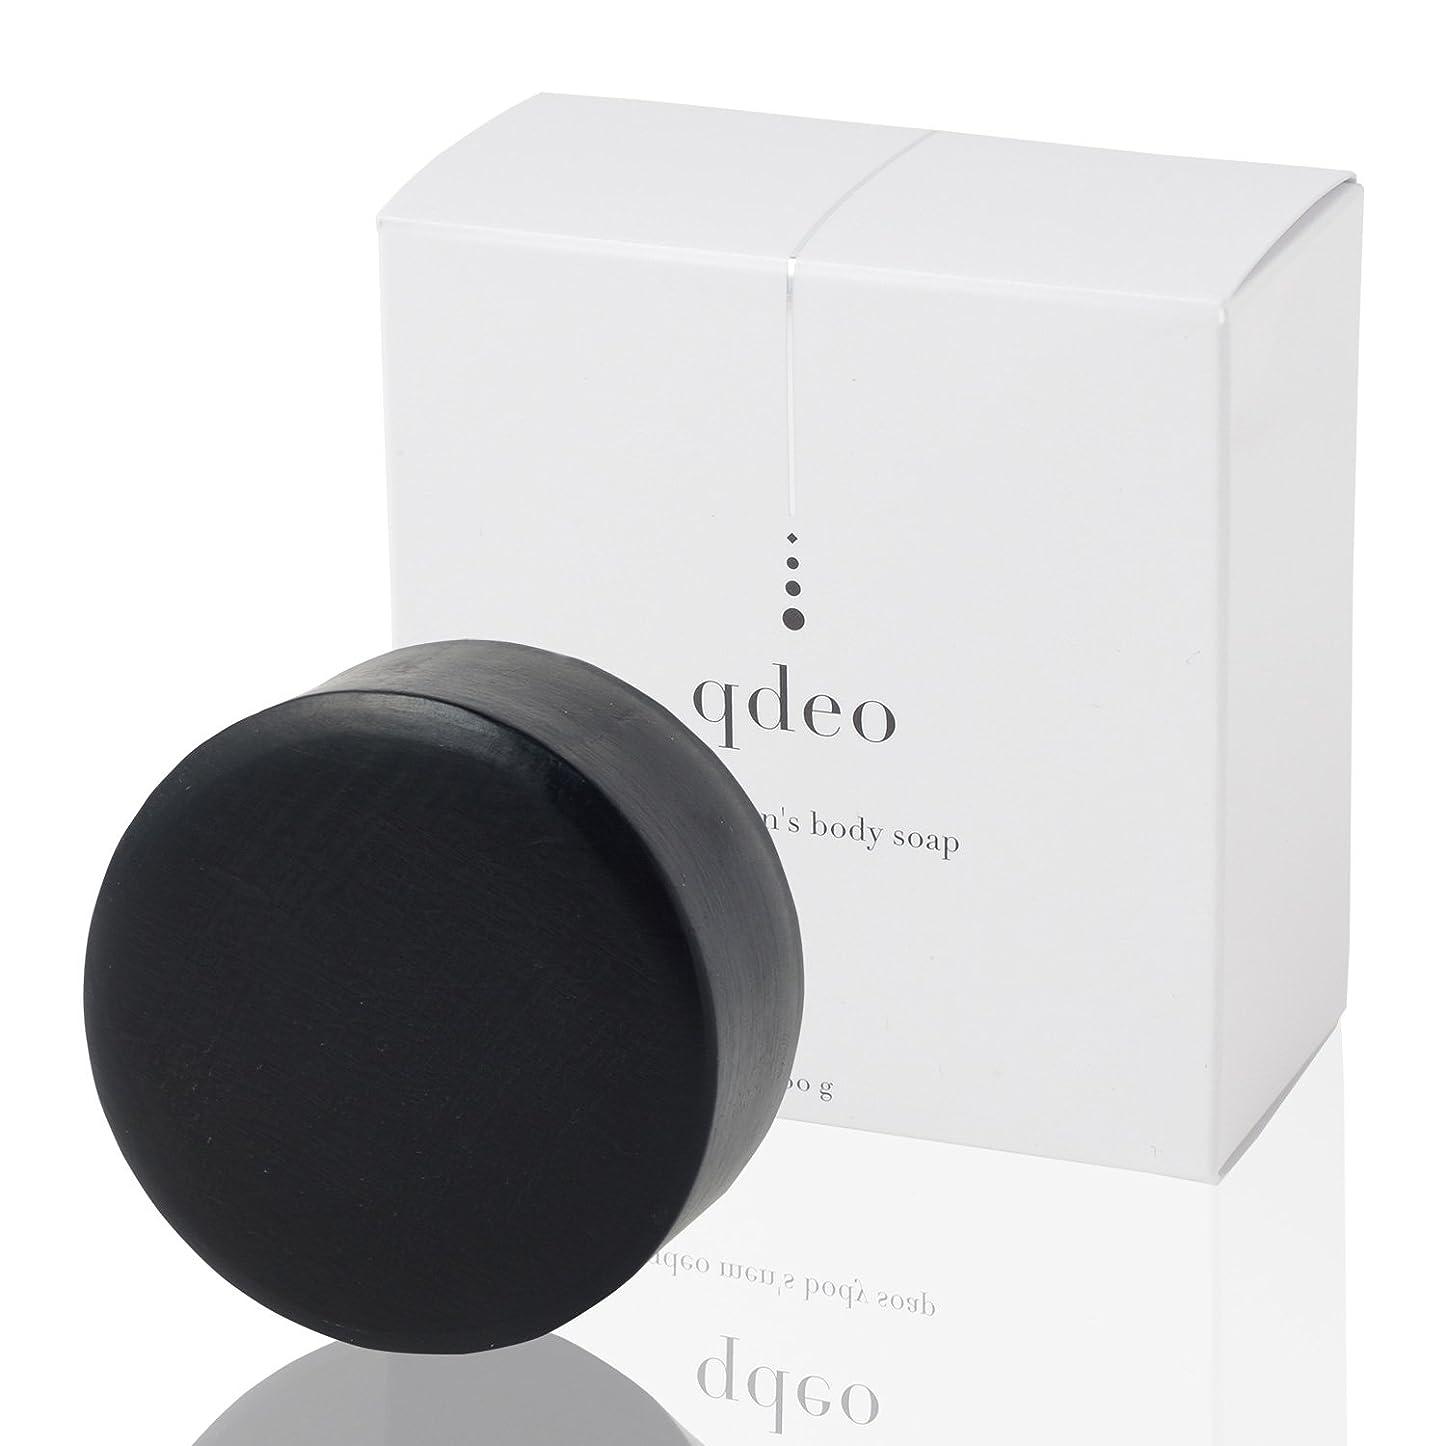 触覚剃る間に合わせクデオ メンズ ボディソープ 100g 石鹸 固形 体臭 ワキガ 足の臭い 加齢臭 デリケートゾーン